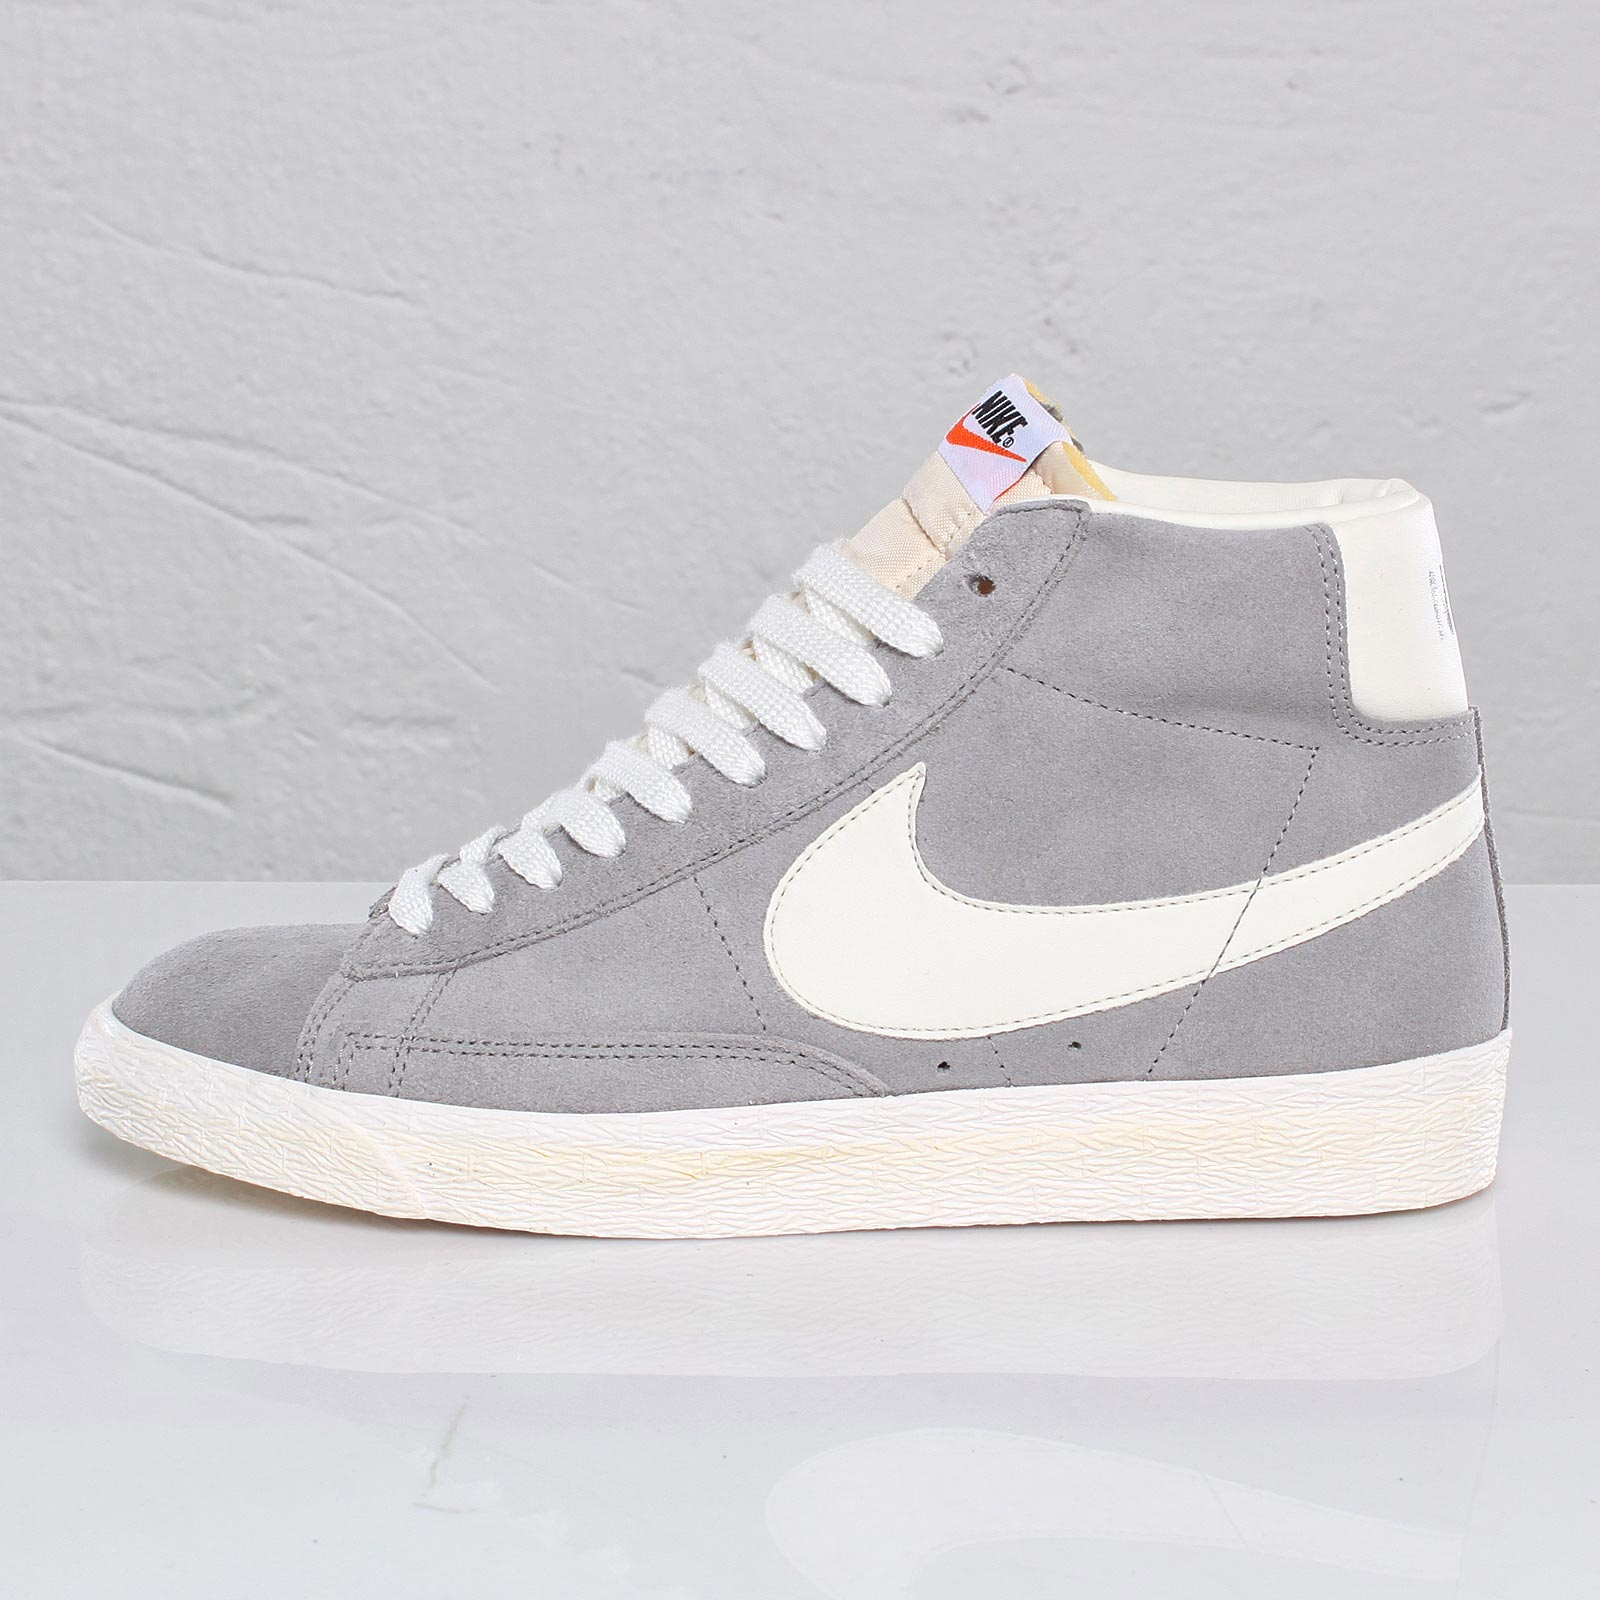 Nike Blazer Mid Premium - 101530 - Sneakersnstuff  0108b2fc744